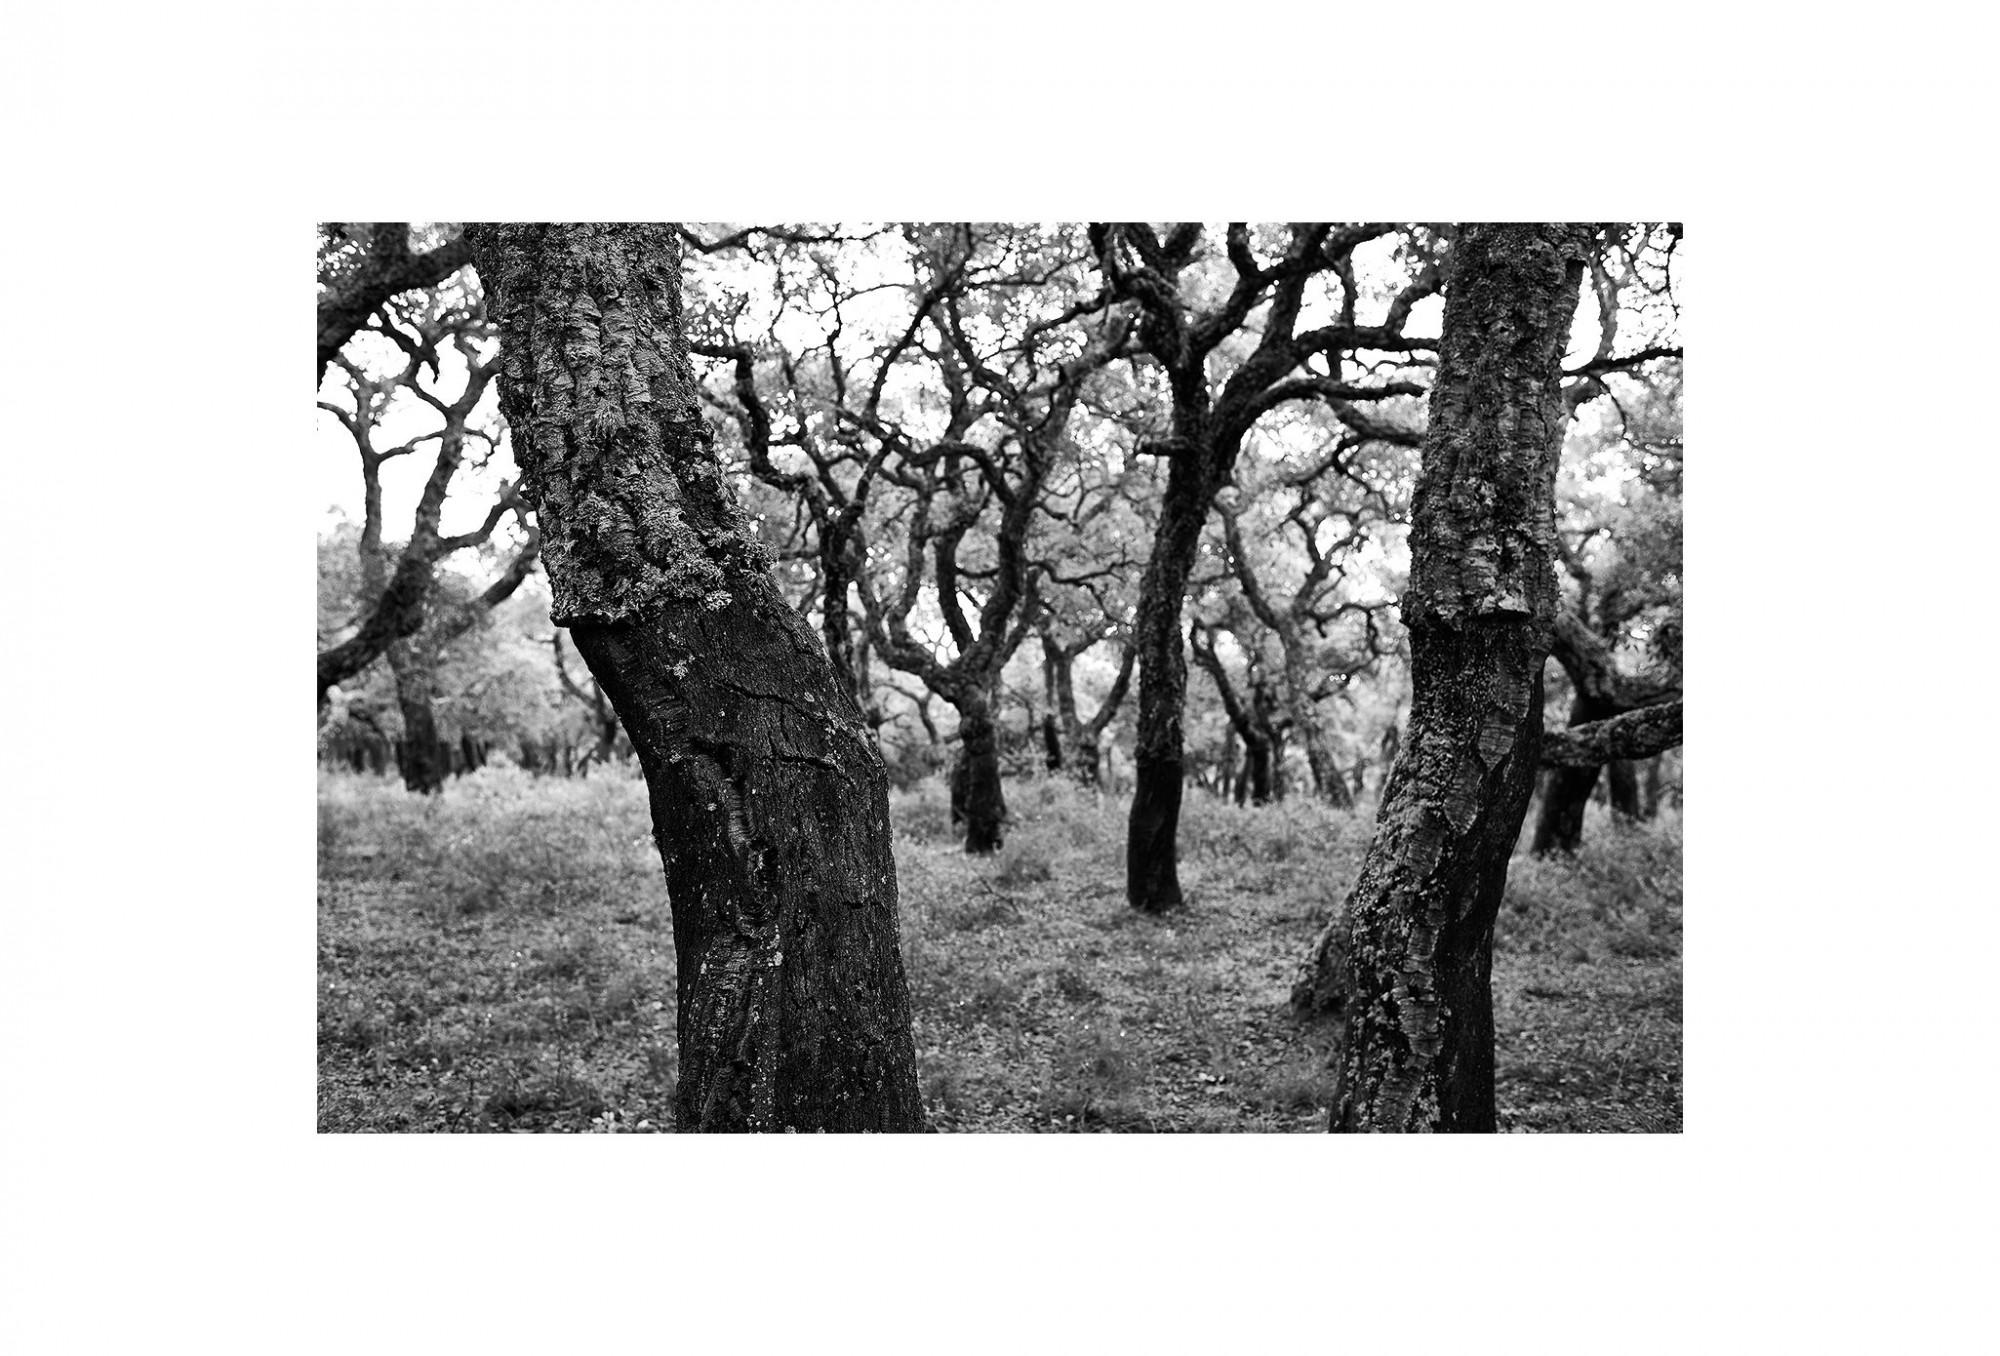 Afbeelding: © Dominique Van Huffel landscape Spain, foto kunst zwart wit, landschapsfotografie.